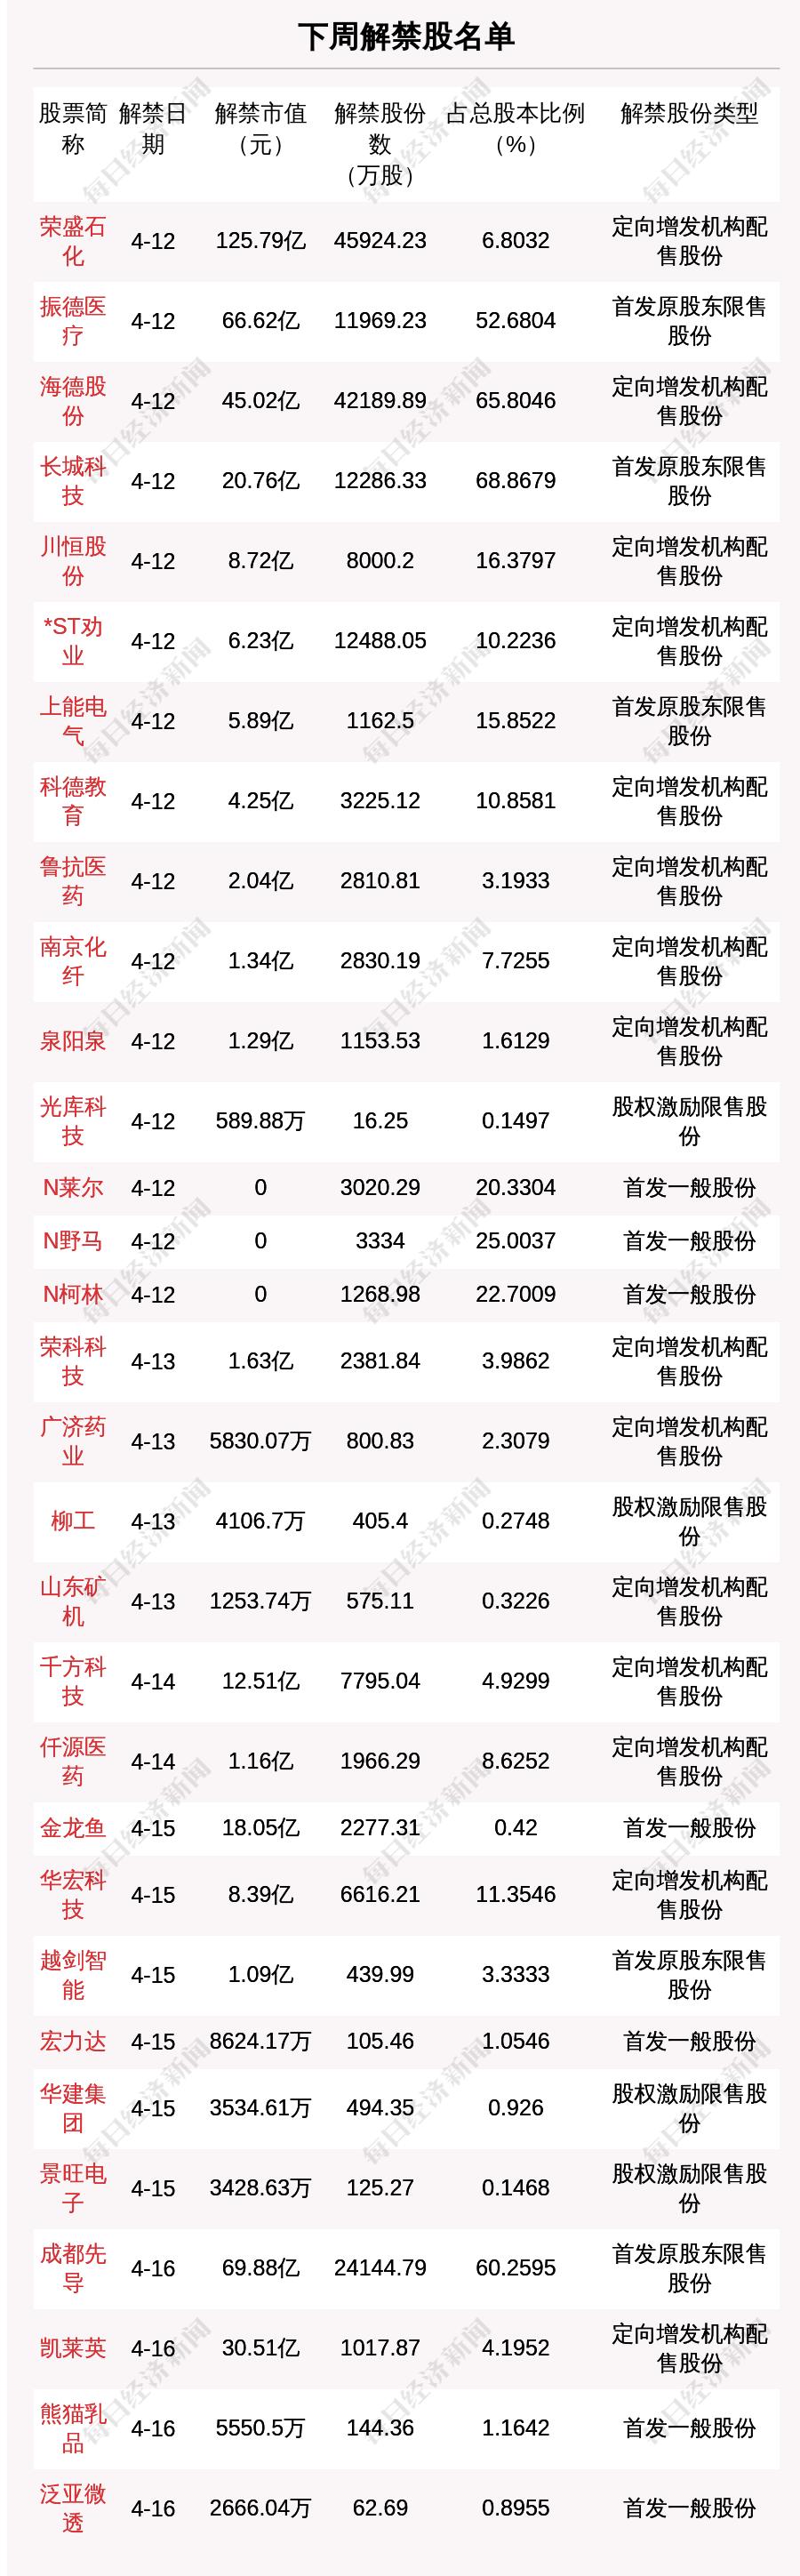 下周20.1亿股限售股解禁,解禁市值达434.72亿元(附名单)